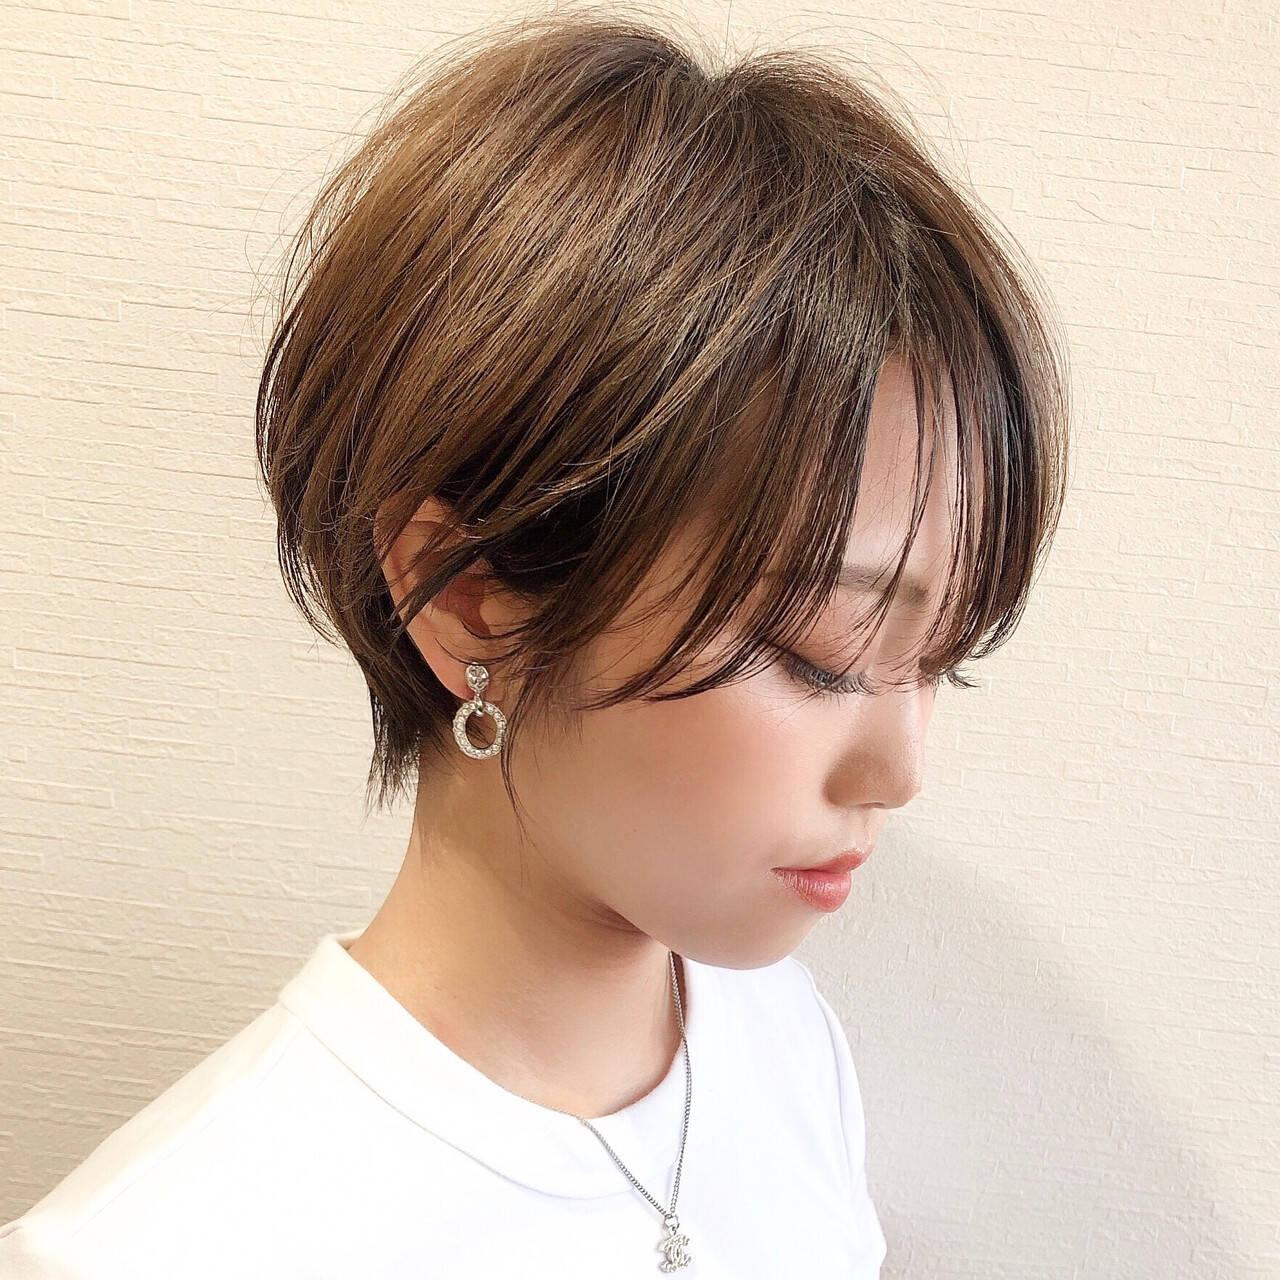 ショート ショートカット ショートヘア マッシュショートヘアスタイルや髪型の写真・画像